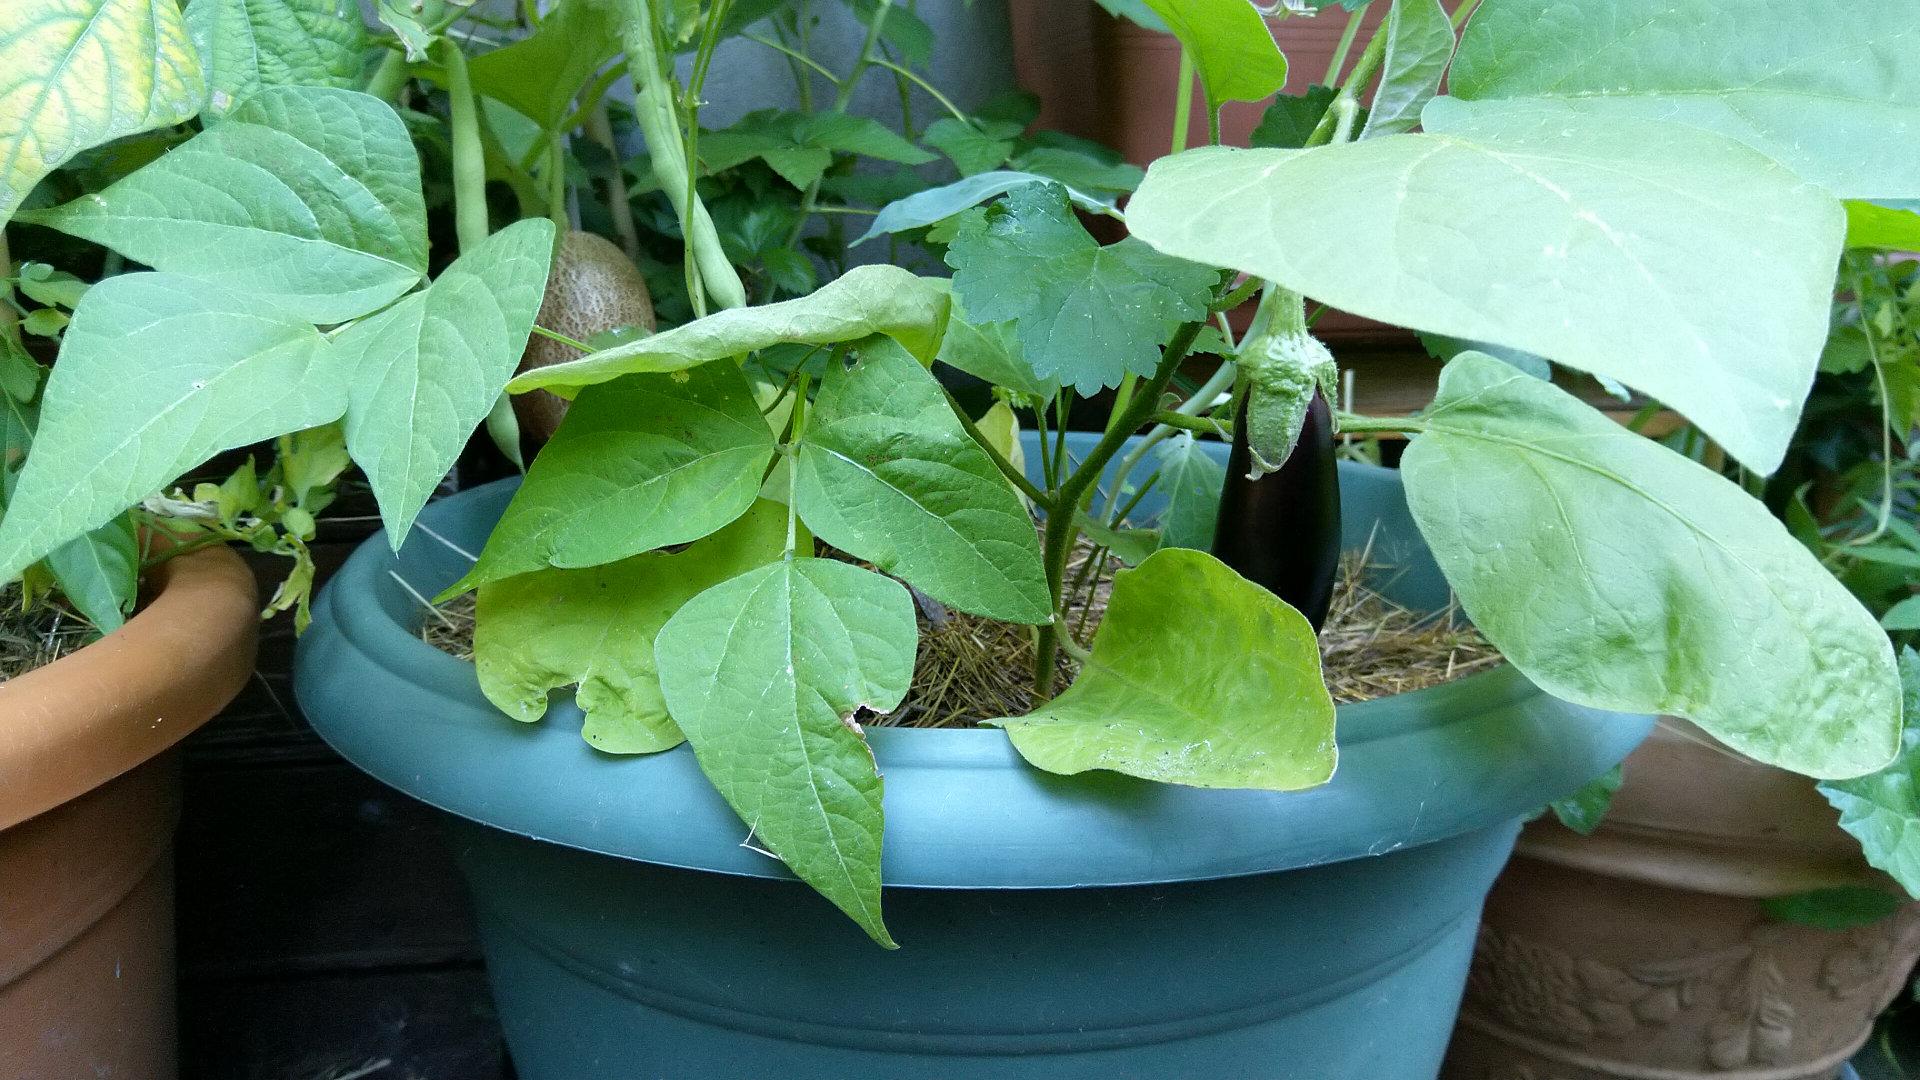 plante-verte-pot-fleurs-vivante-